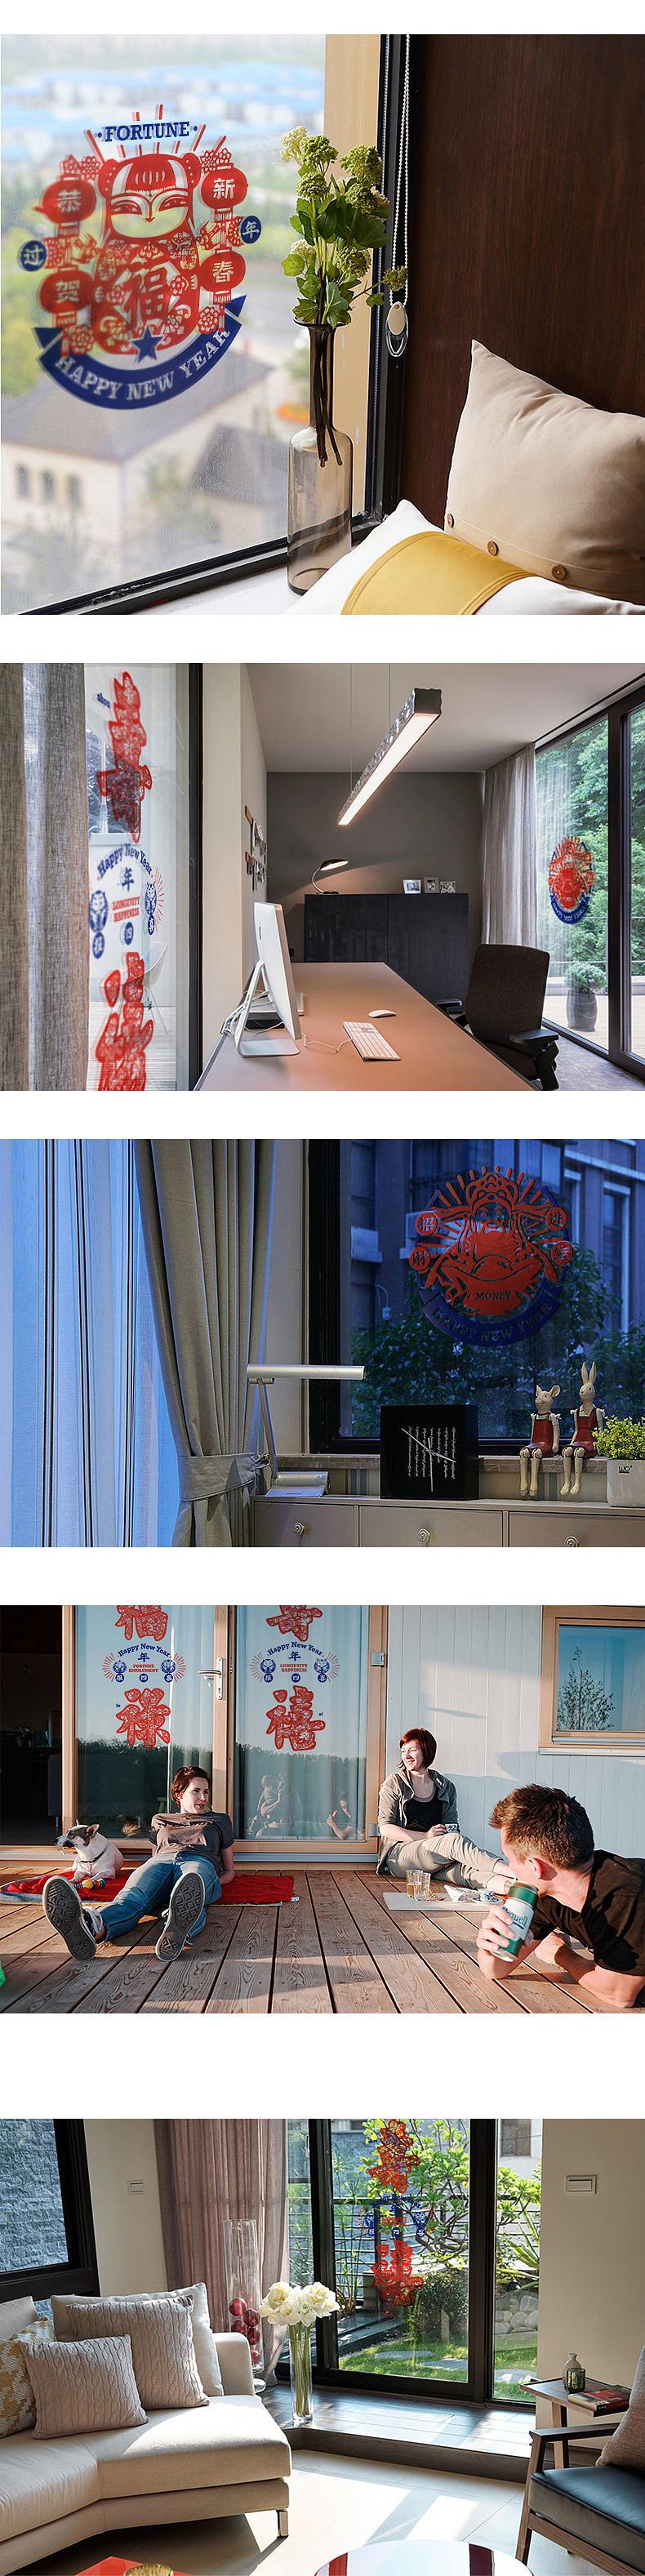 新春洋气窗花+立体纸雕台历